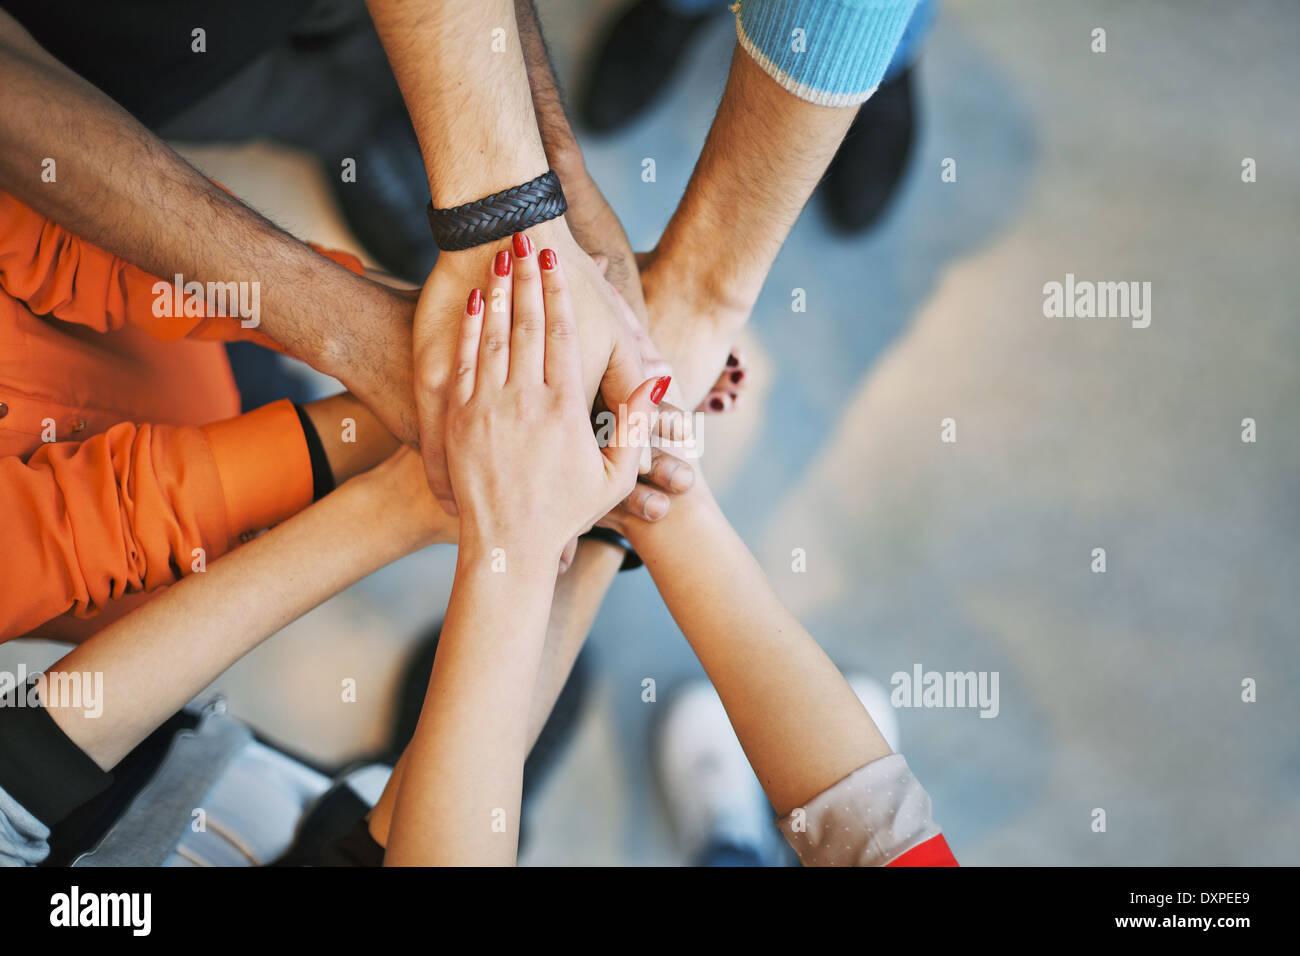 Multiethnische Gruppe von jungen Leuten, die ihre Hände übereinander. Schließen Sie herauf Bild der jungen Studenten Händen stapeln. Stockbild